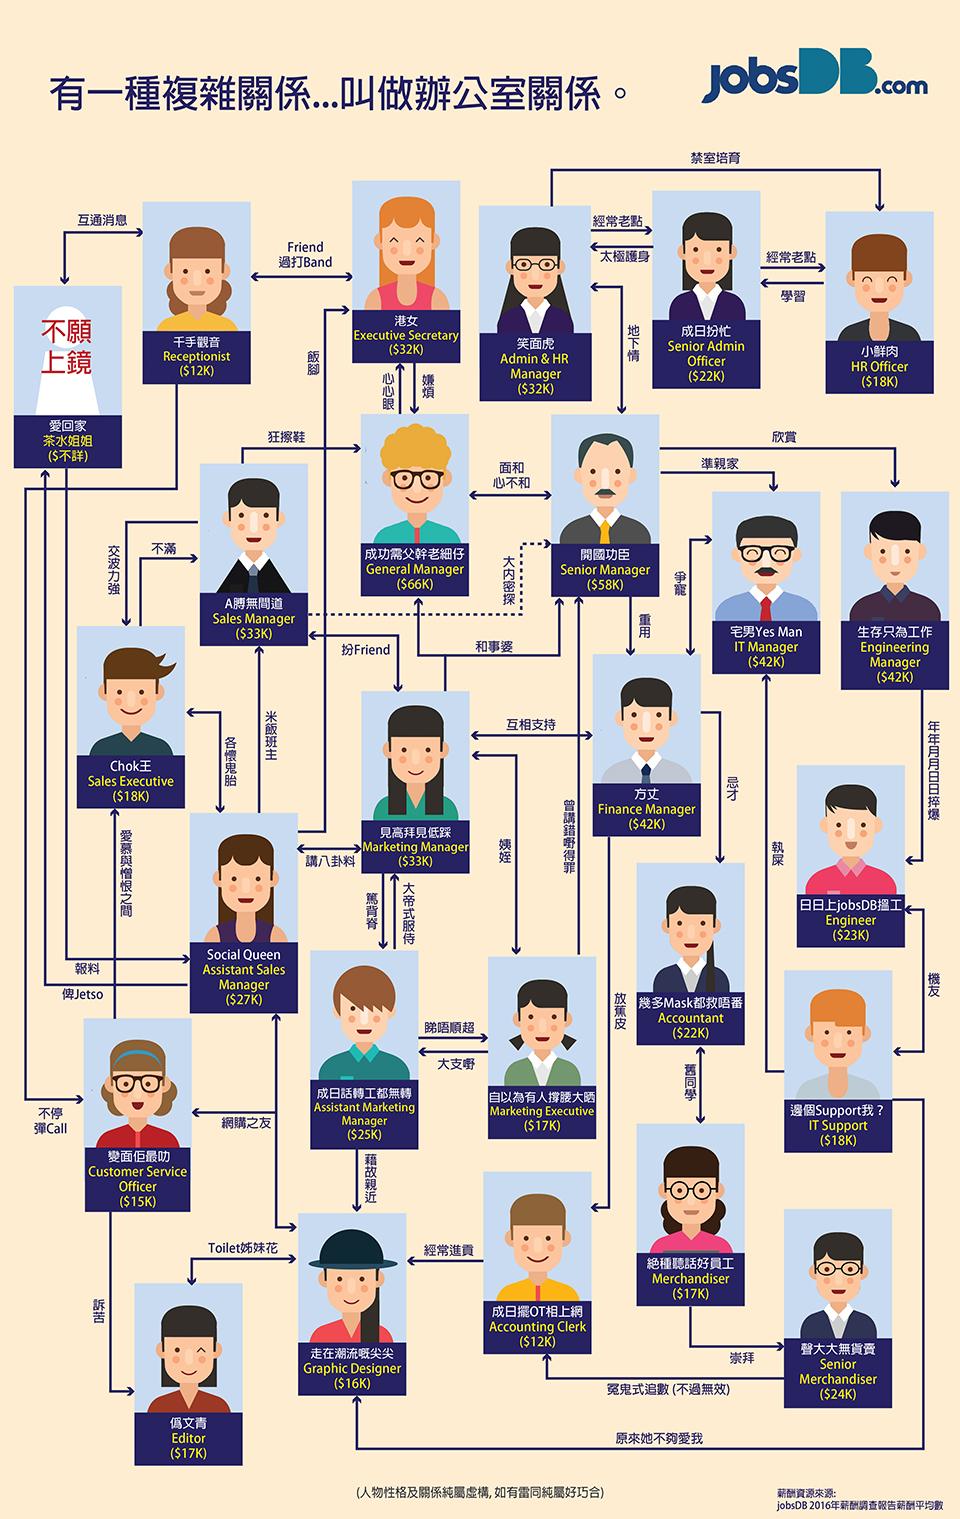 有一種複雜關係...叫做辦公室關係